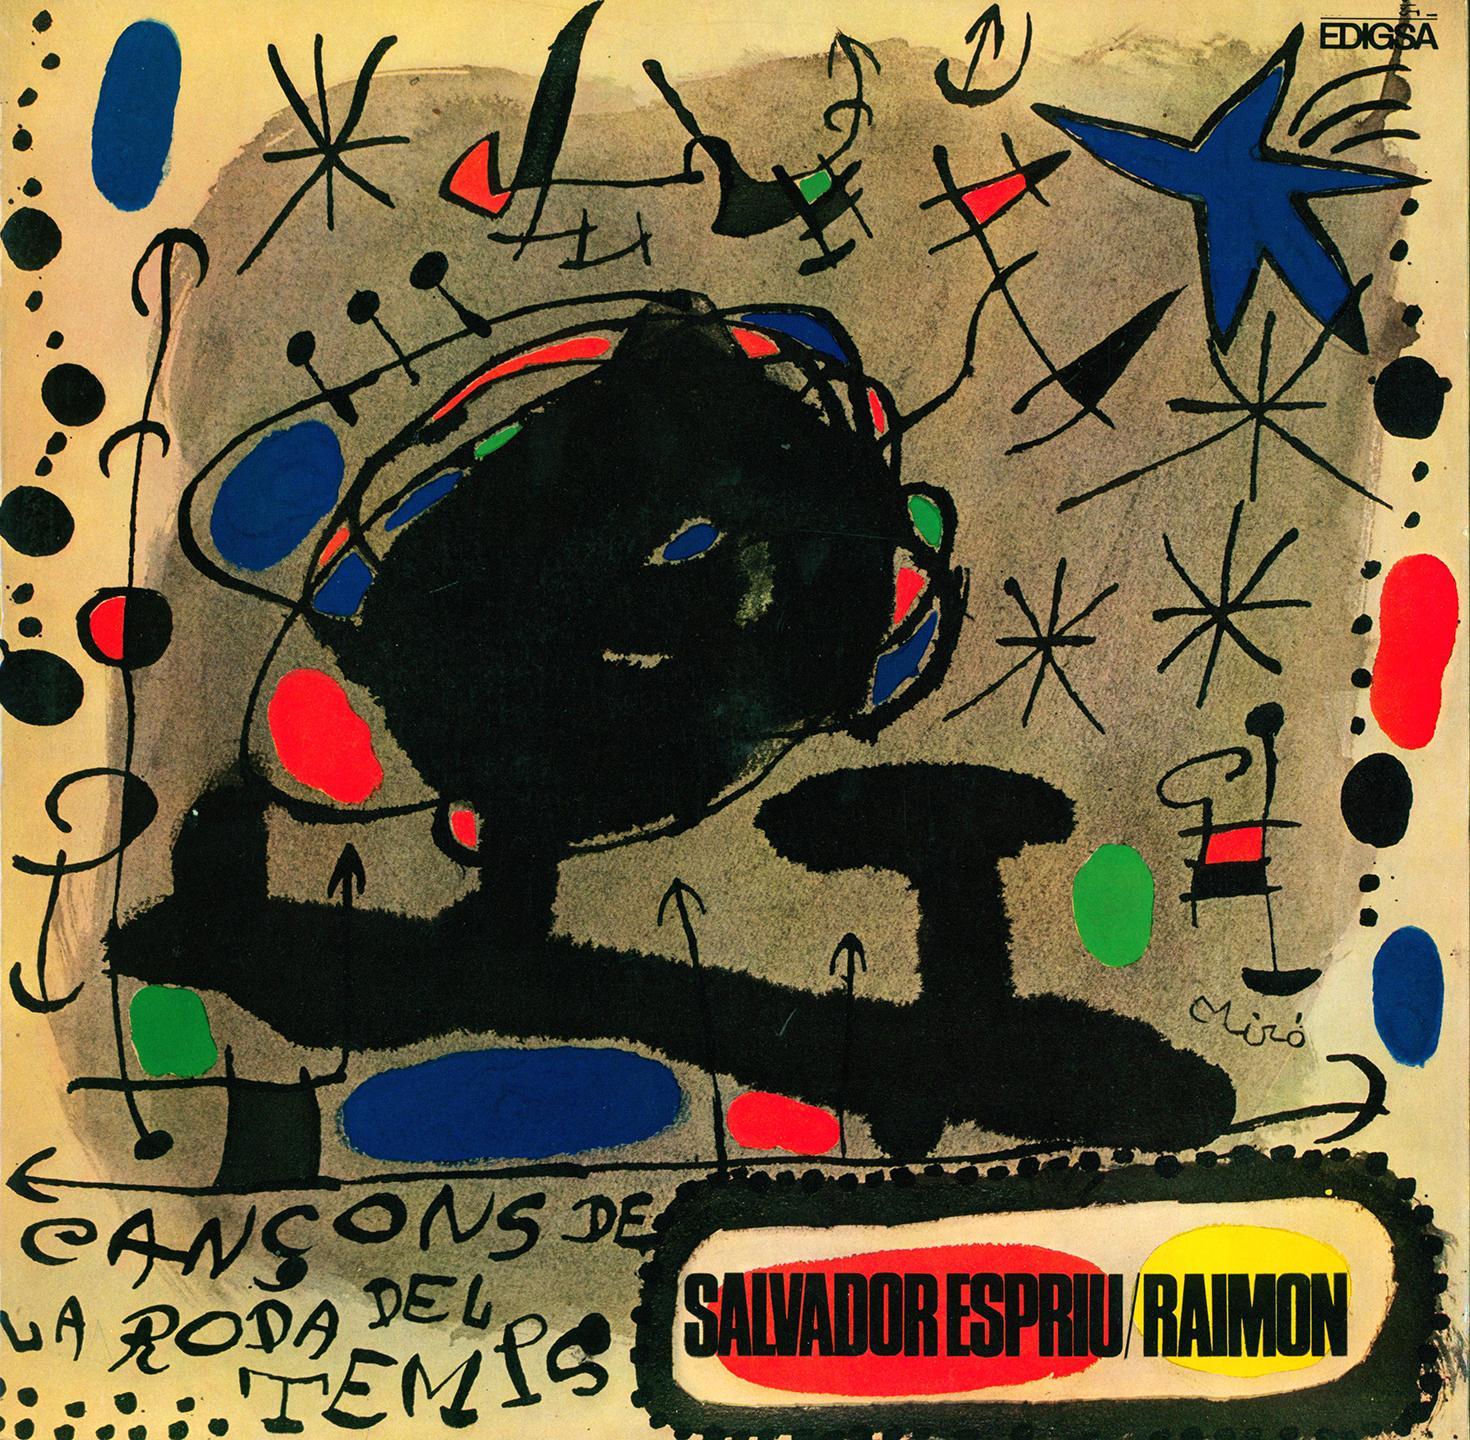 Joan Miró Vinyl Record Art